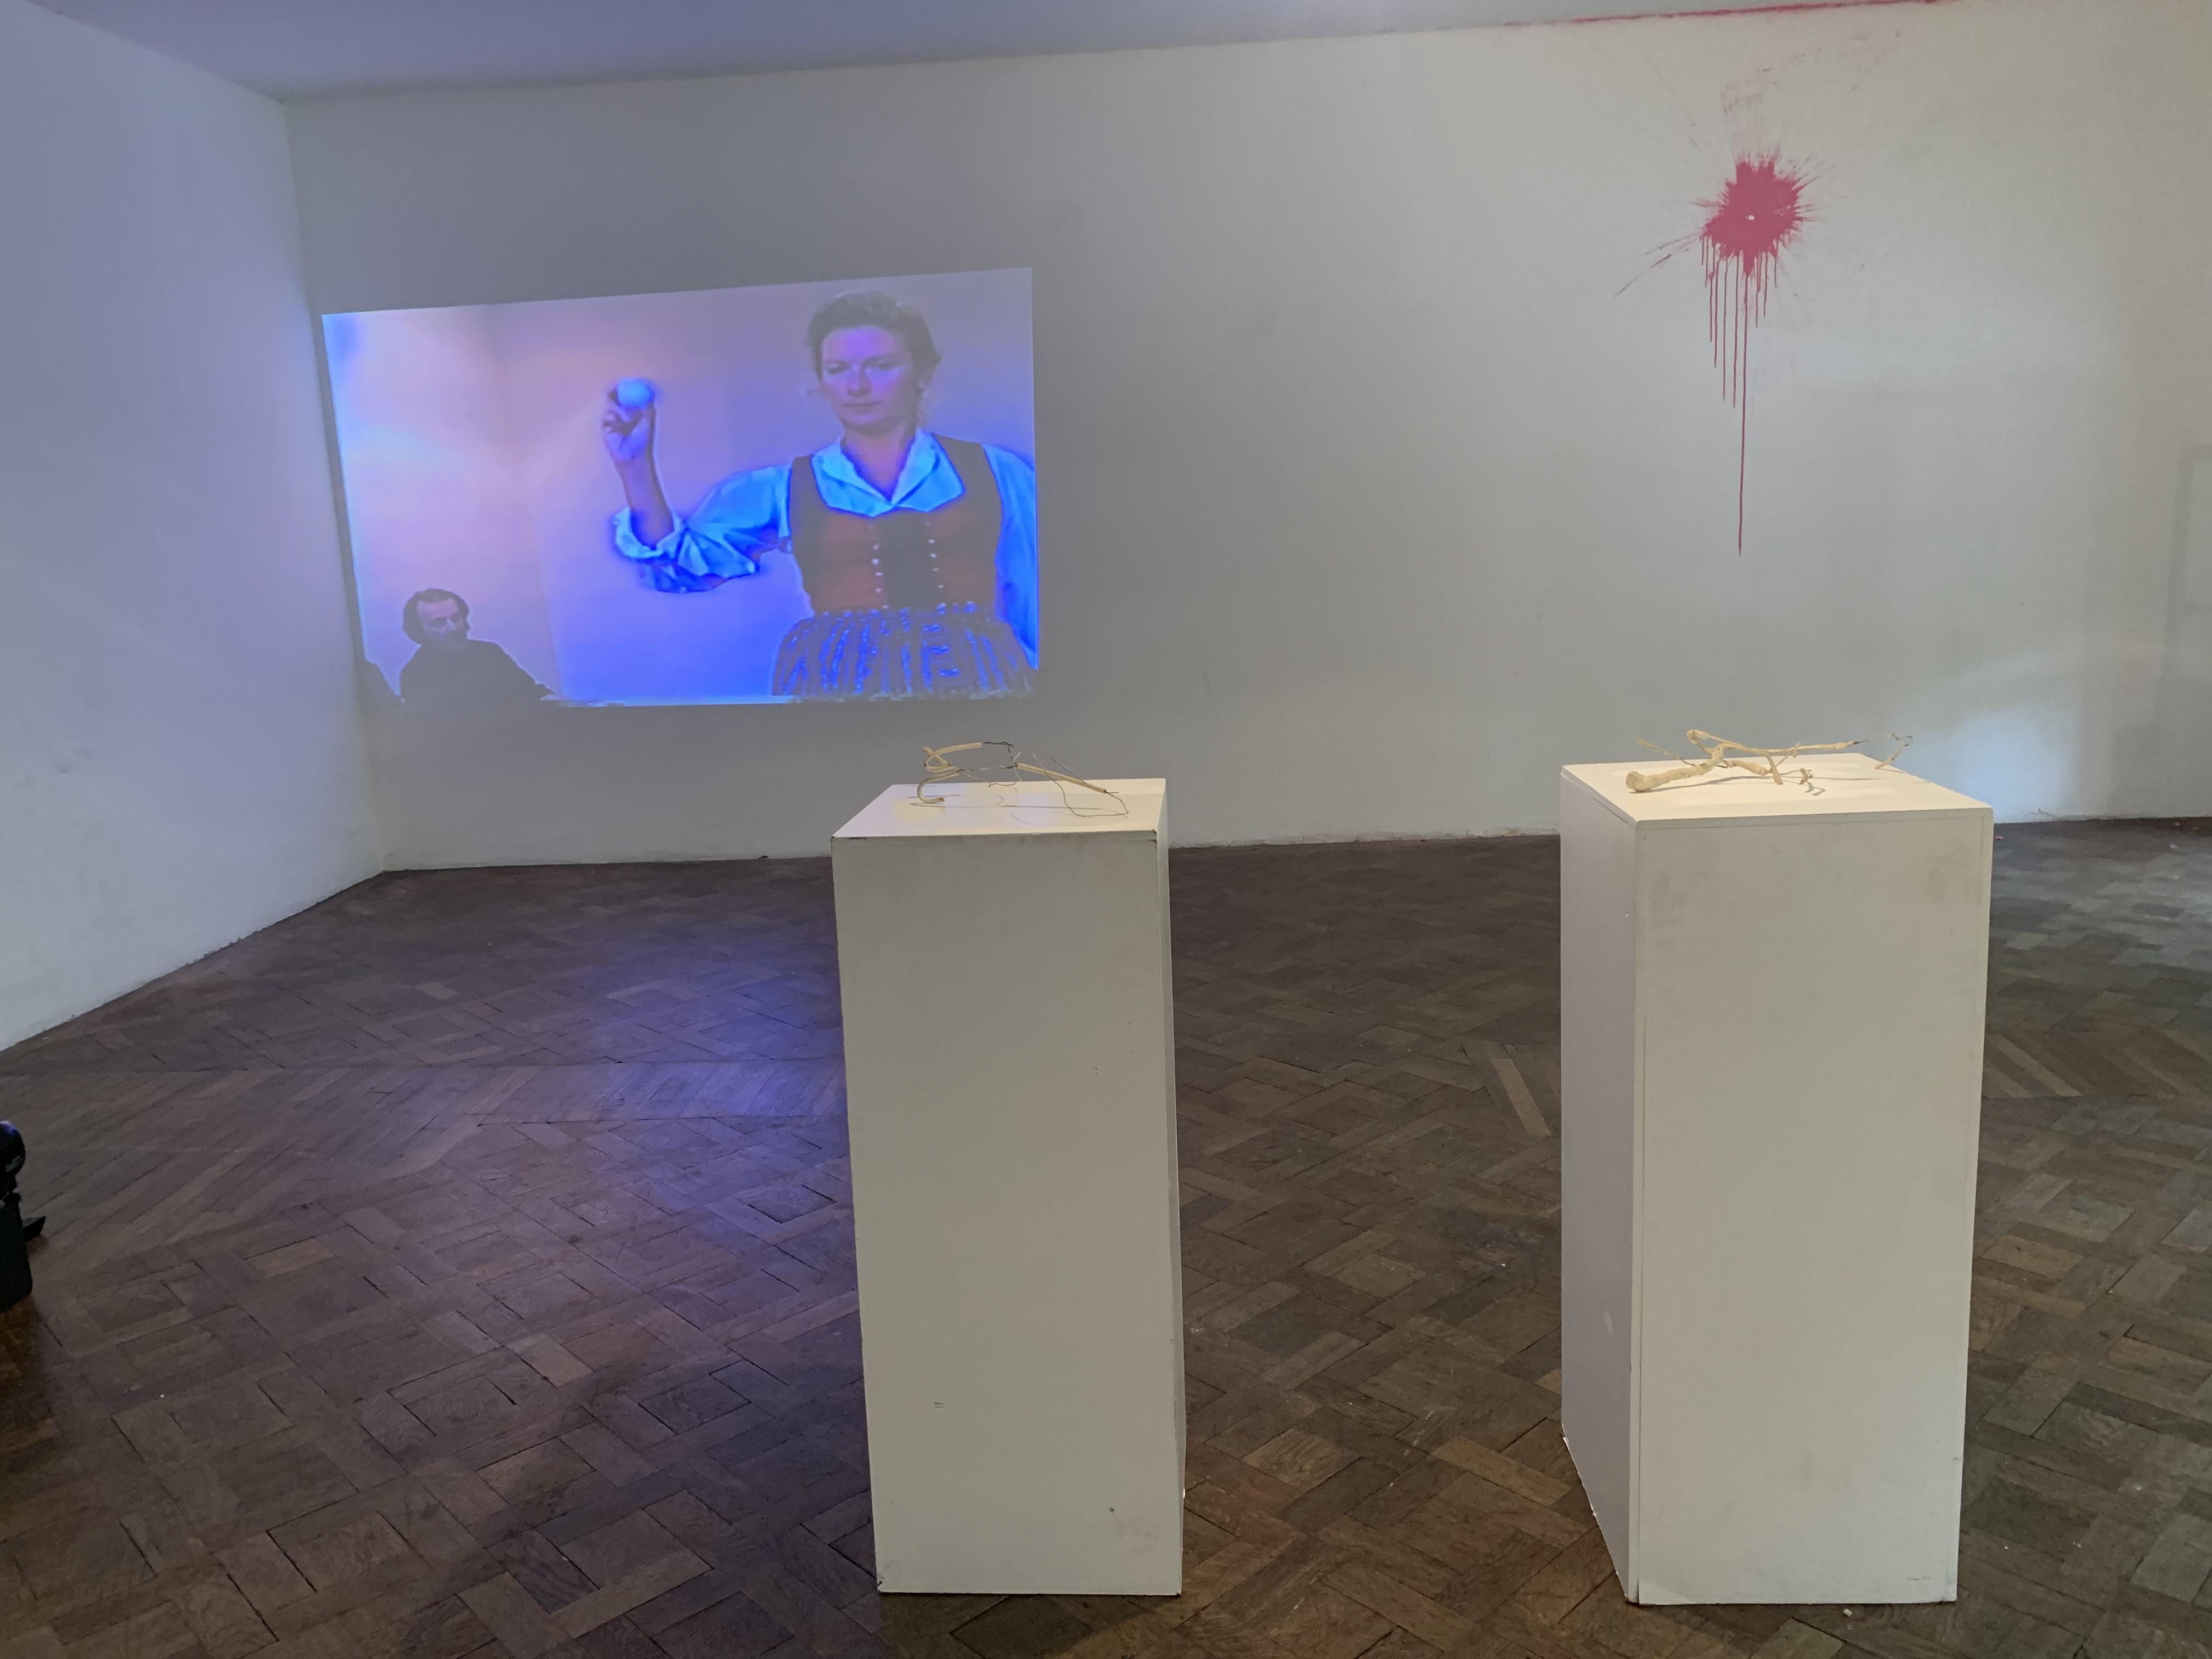 Ausstellungsansicht, EIN PASSSTÜCK, Büro Weltausstellung, 2019, Foto: Stefan Bidner